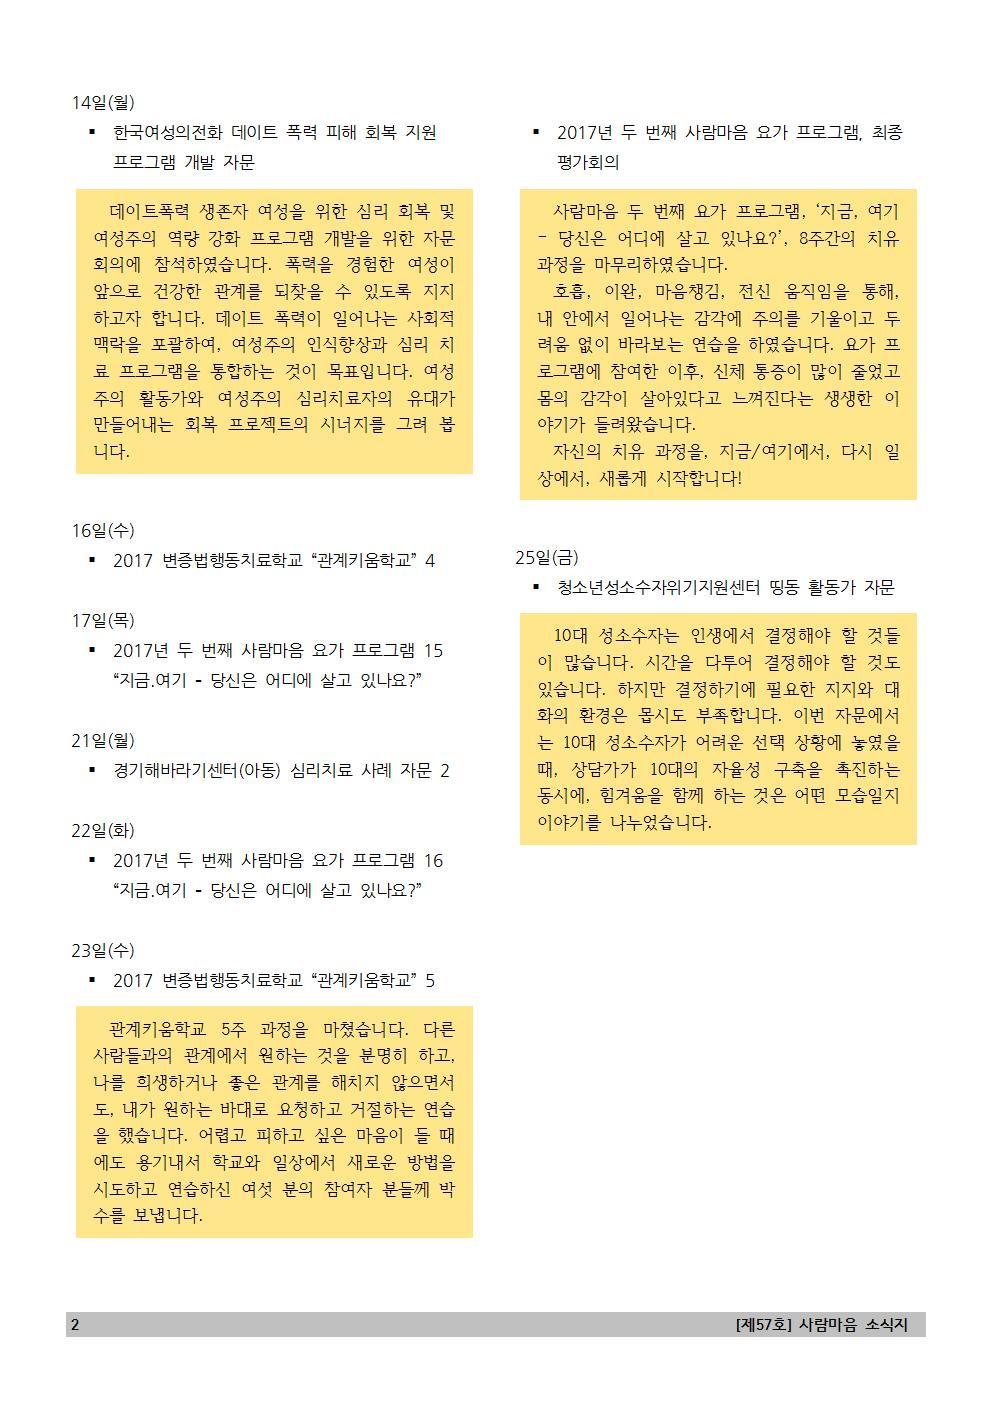 201709_제57호_사람마음_소식지003.jpg